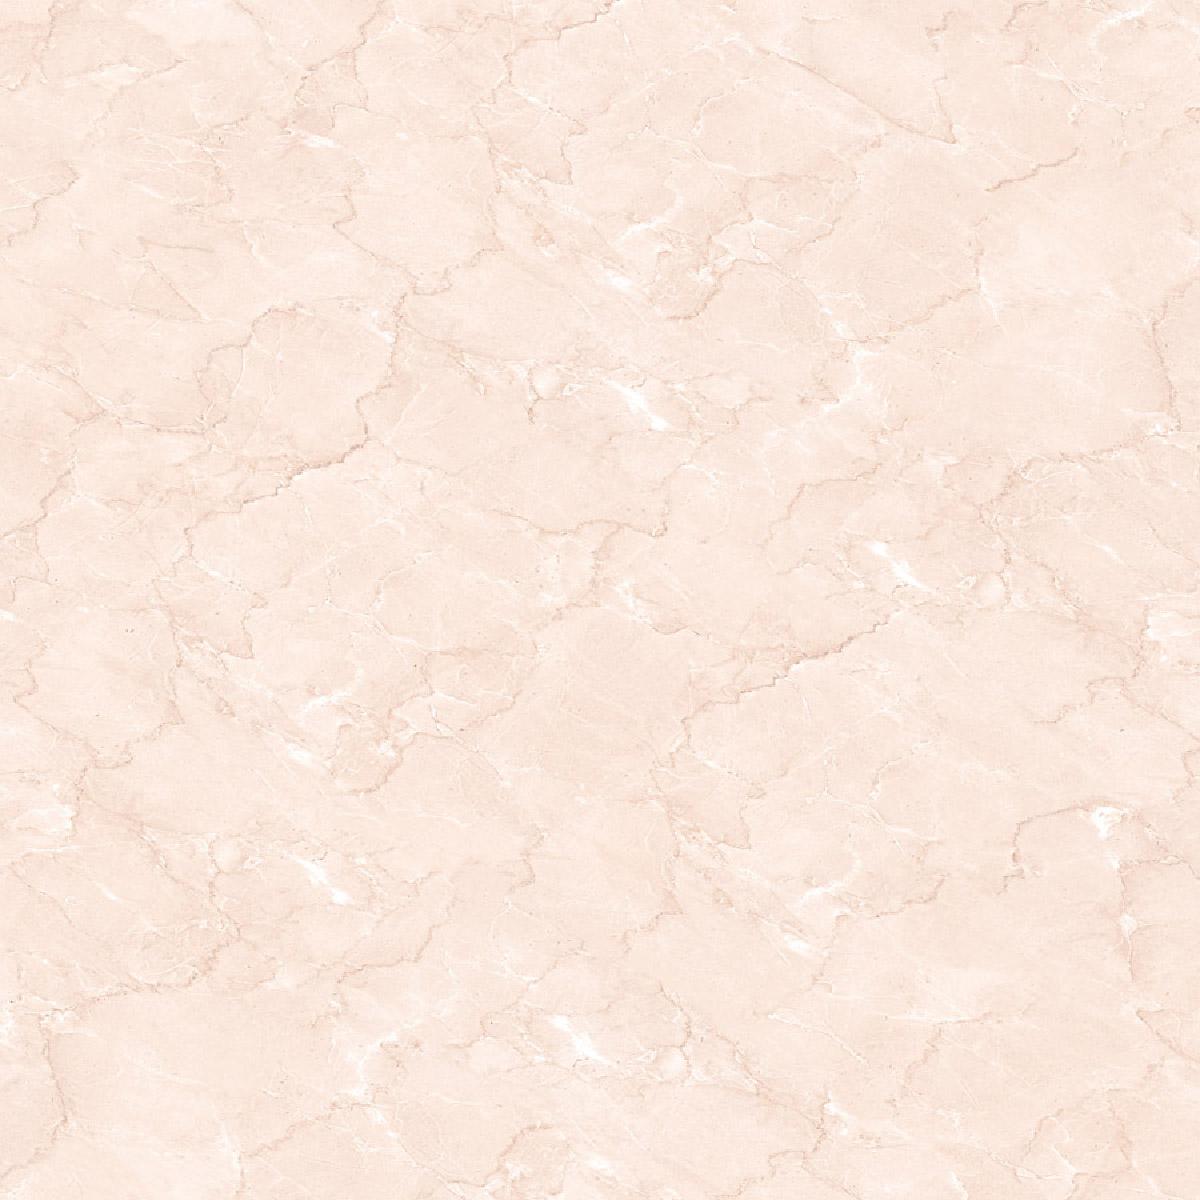 PDG-33372